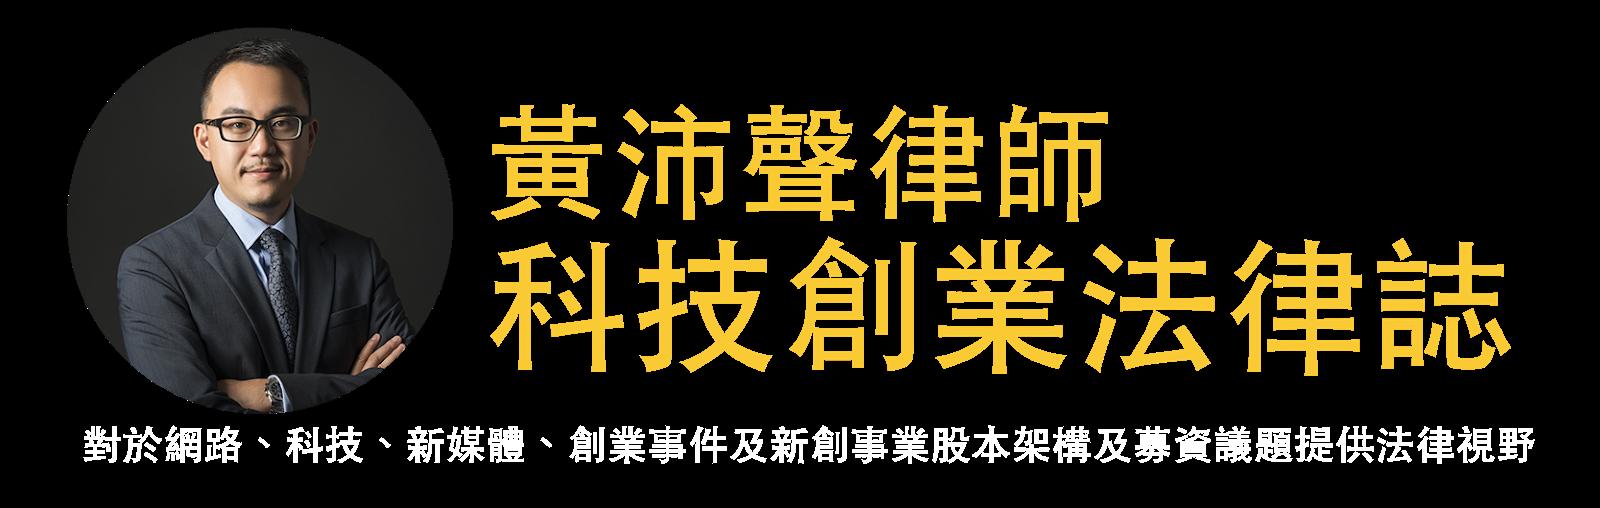 黃沛聲律師科技創業法律誌